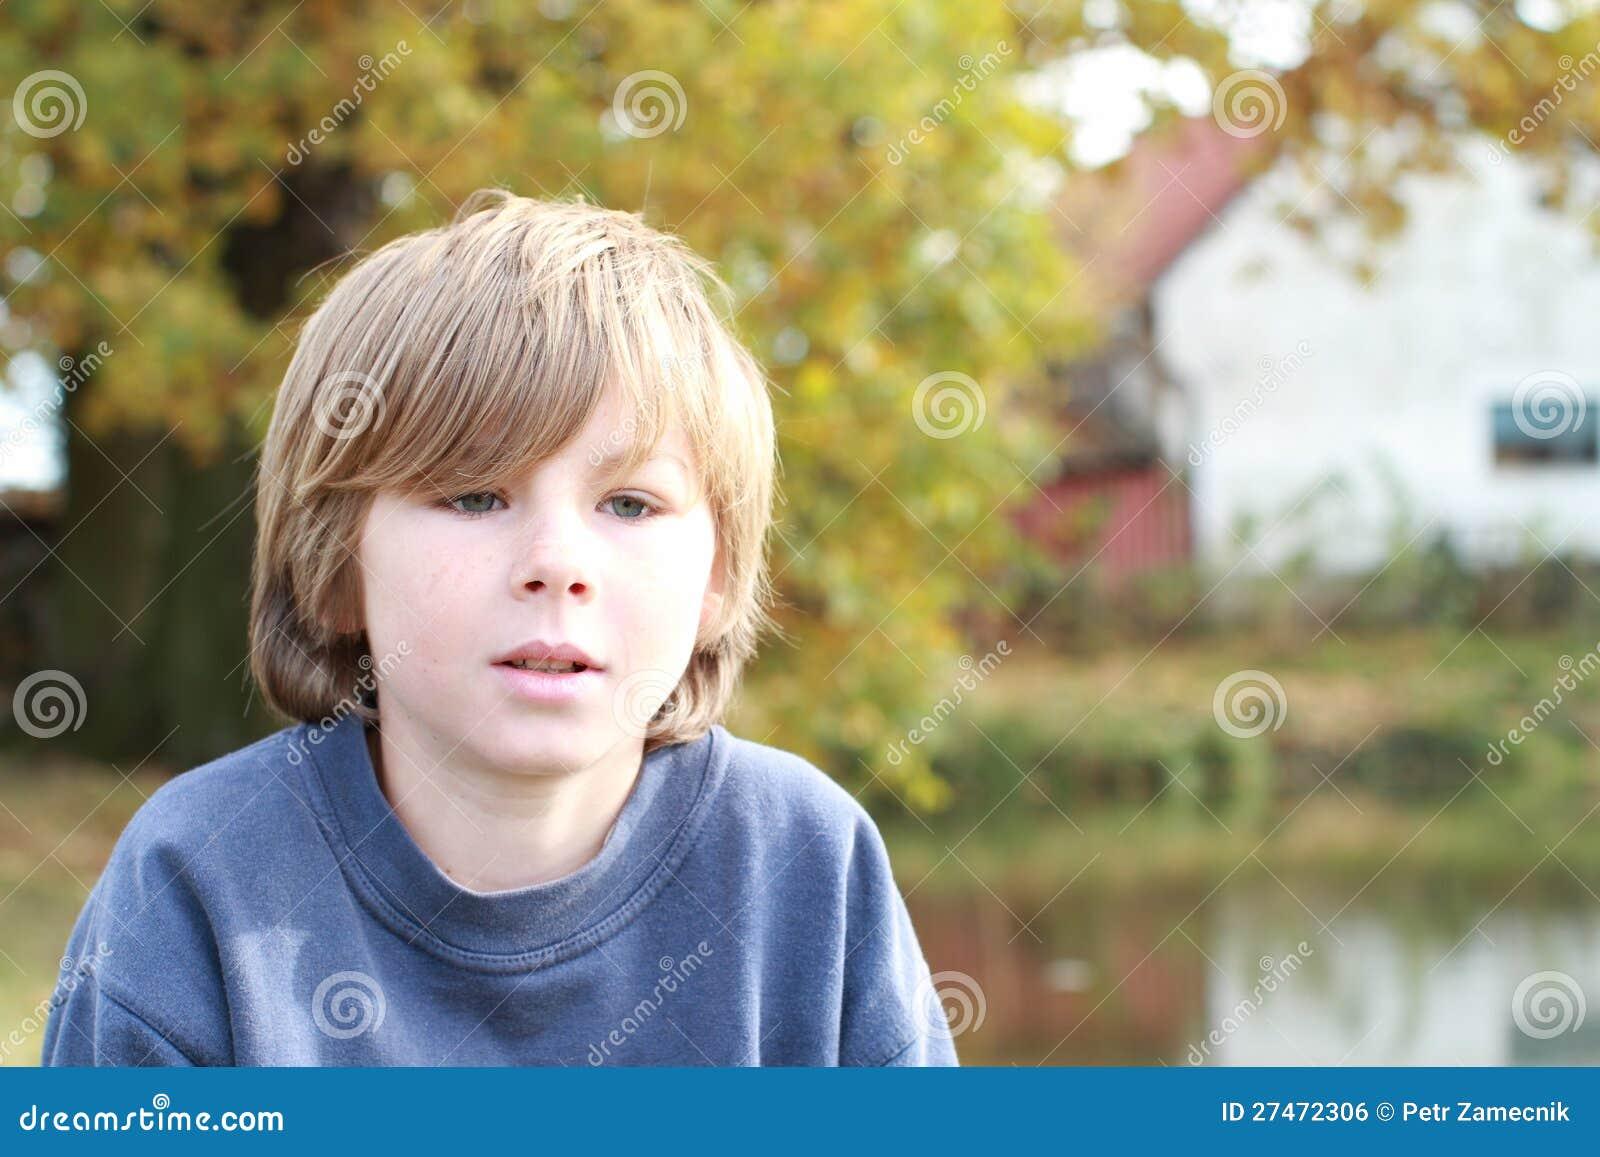 Thinking sad boy